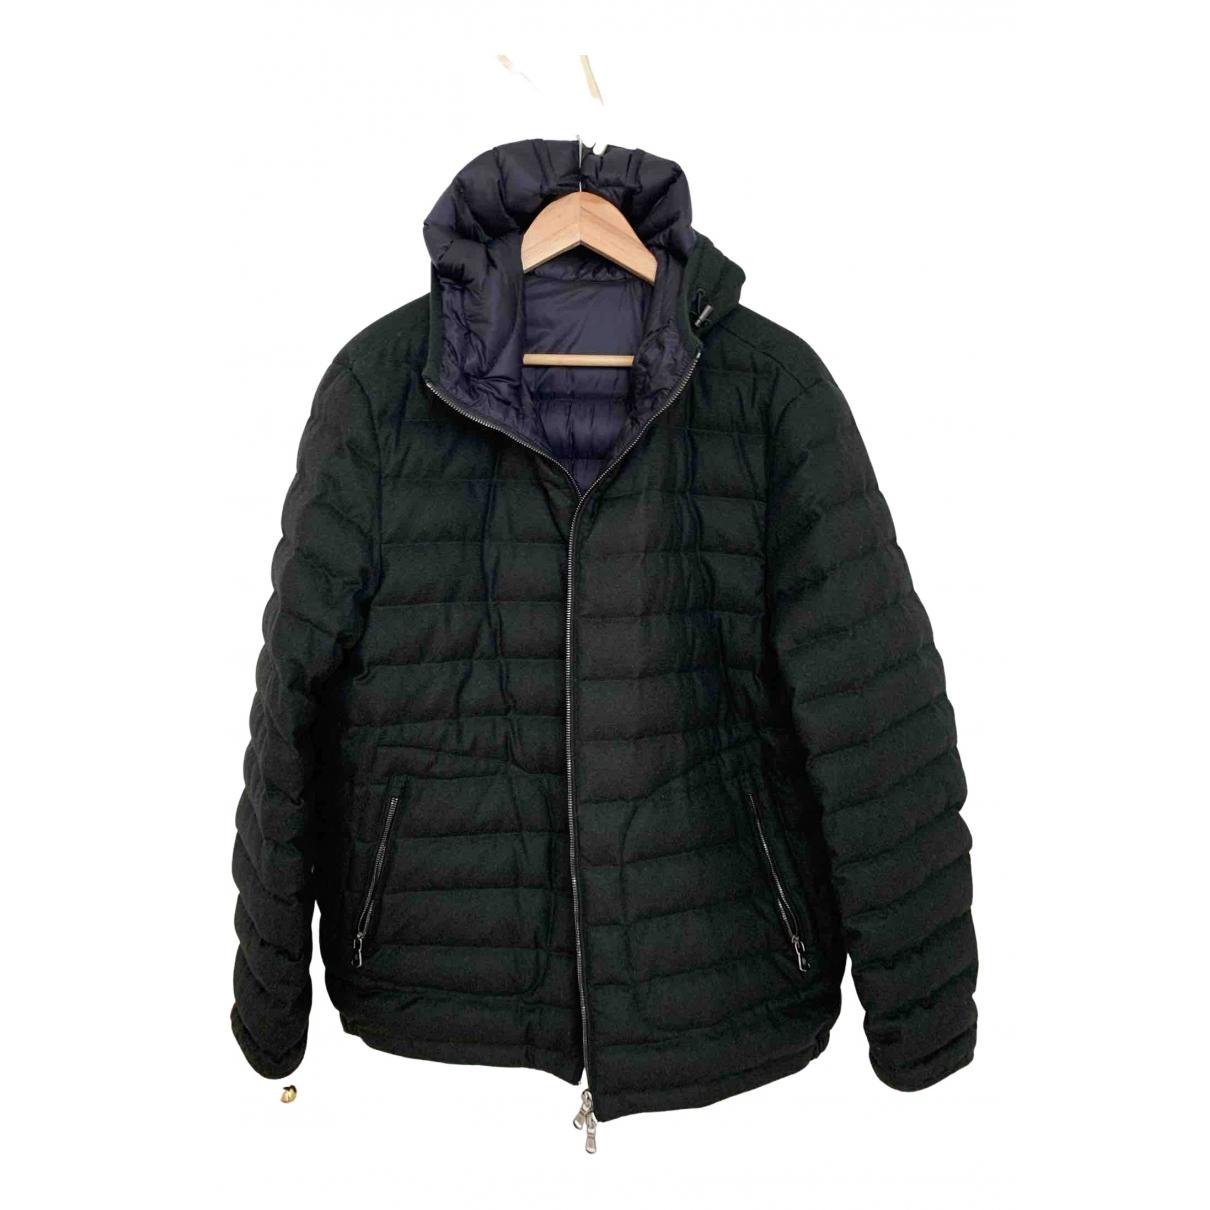 Moncler - Manteau   pour homme en laine - vert